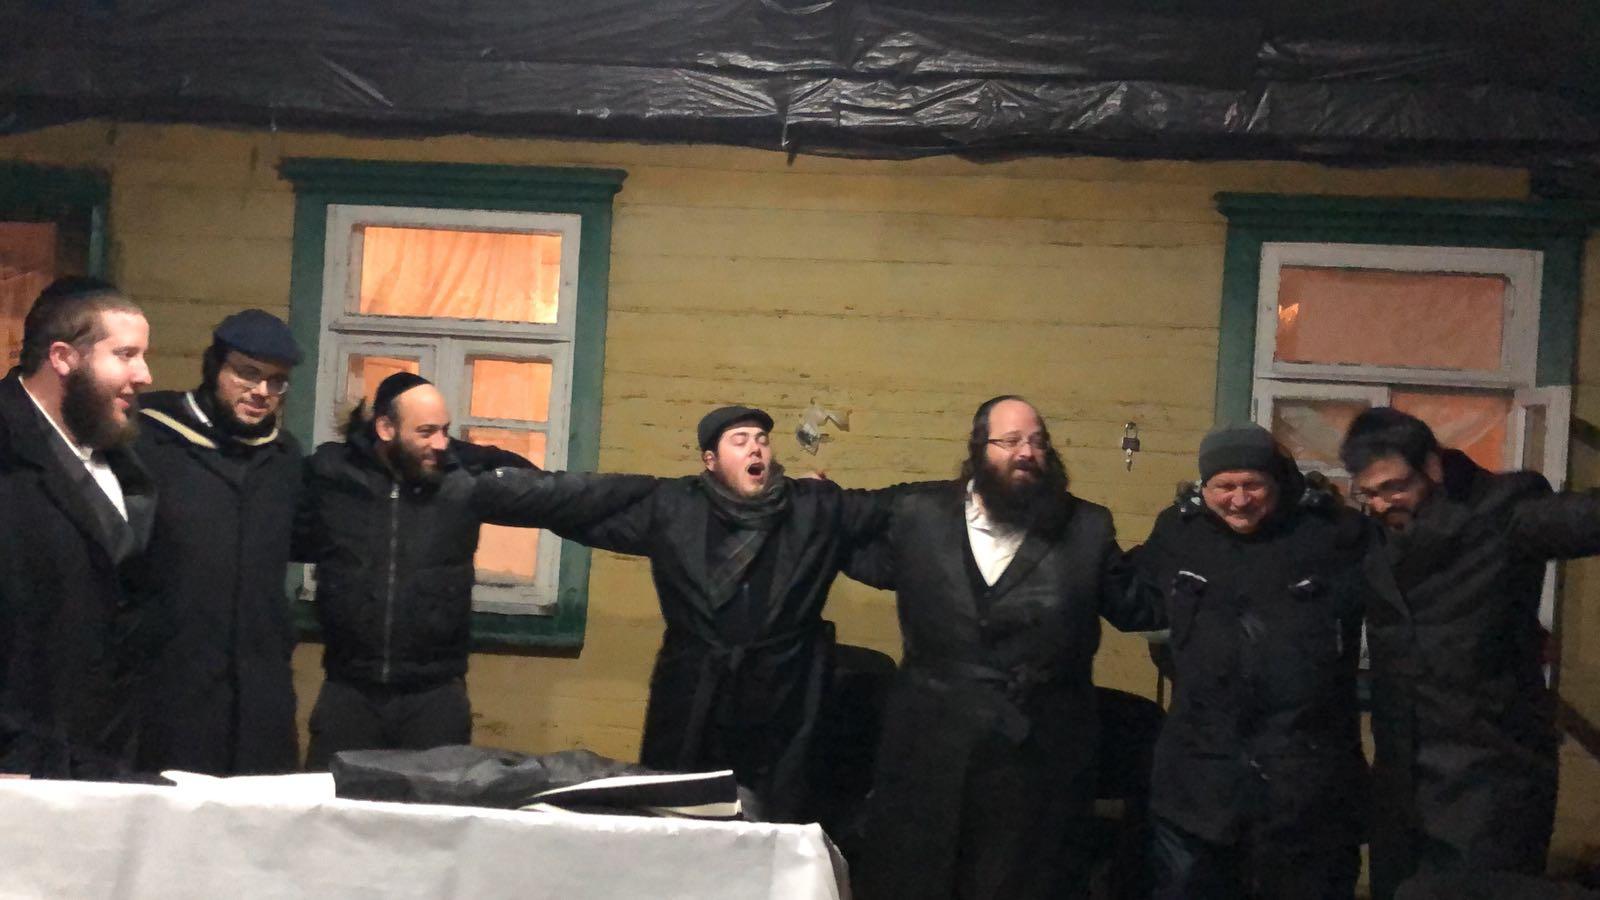 בעיירה הקפואה באוקראינה: יהודים שבתו באולבסק